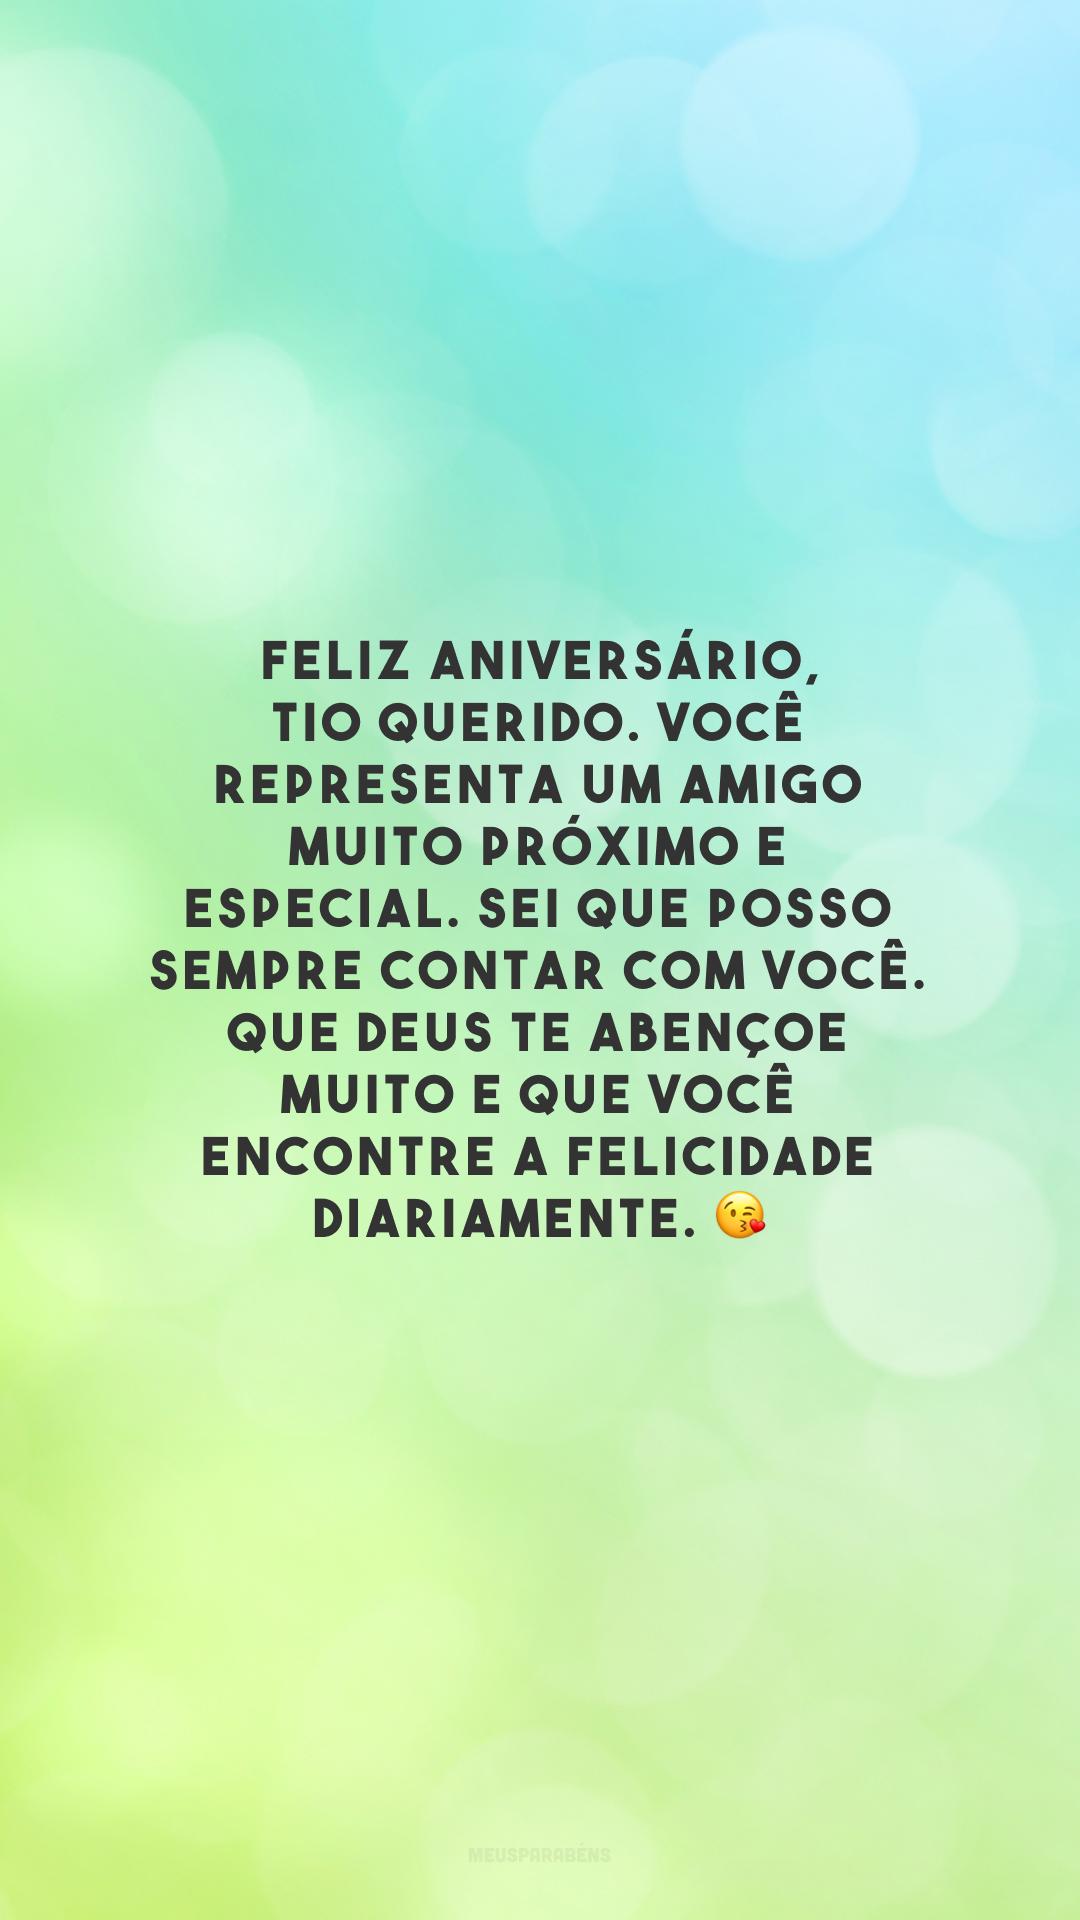 Feliz aniversário, tio querido. Você representa um amigo muito próximo e especial. Sei que posso sempre contar com você. Que Deus te abençoe muito e que você encontre a felicidade diariamente. 😘